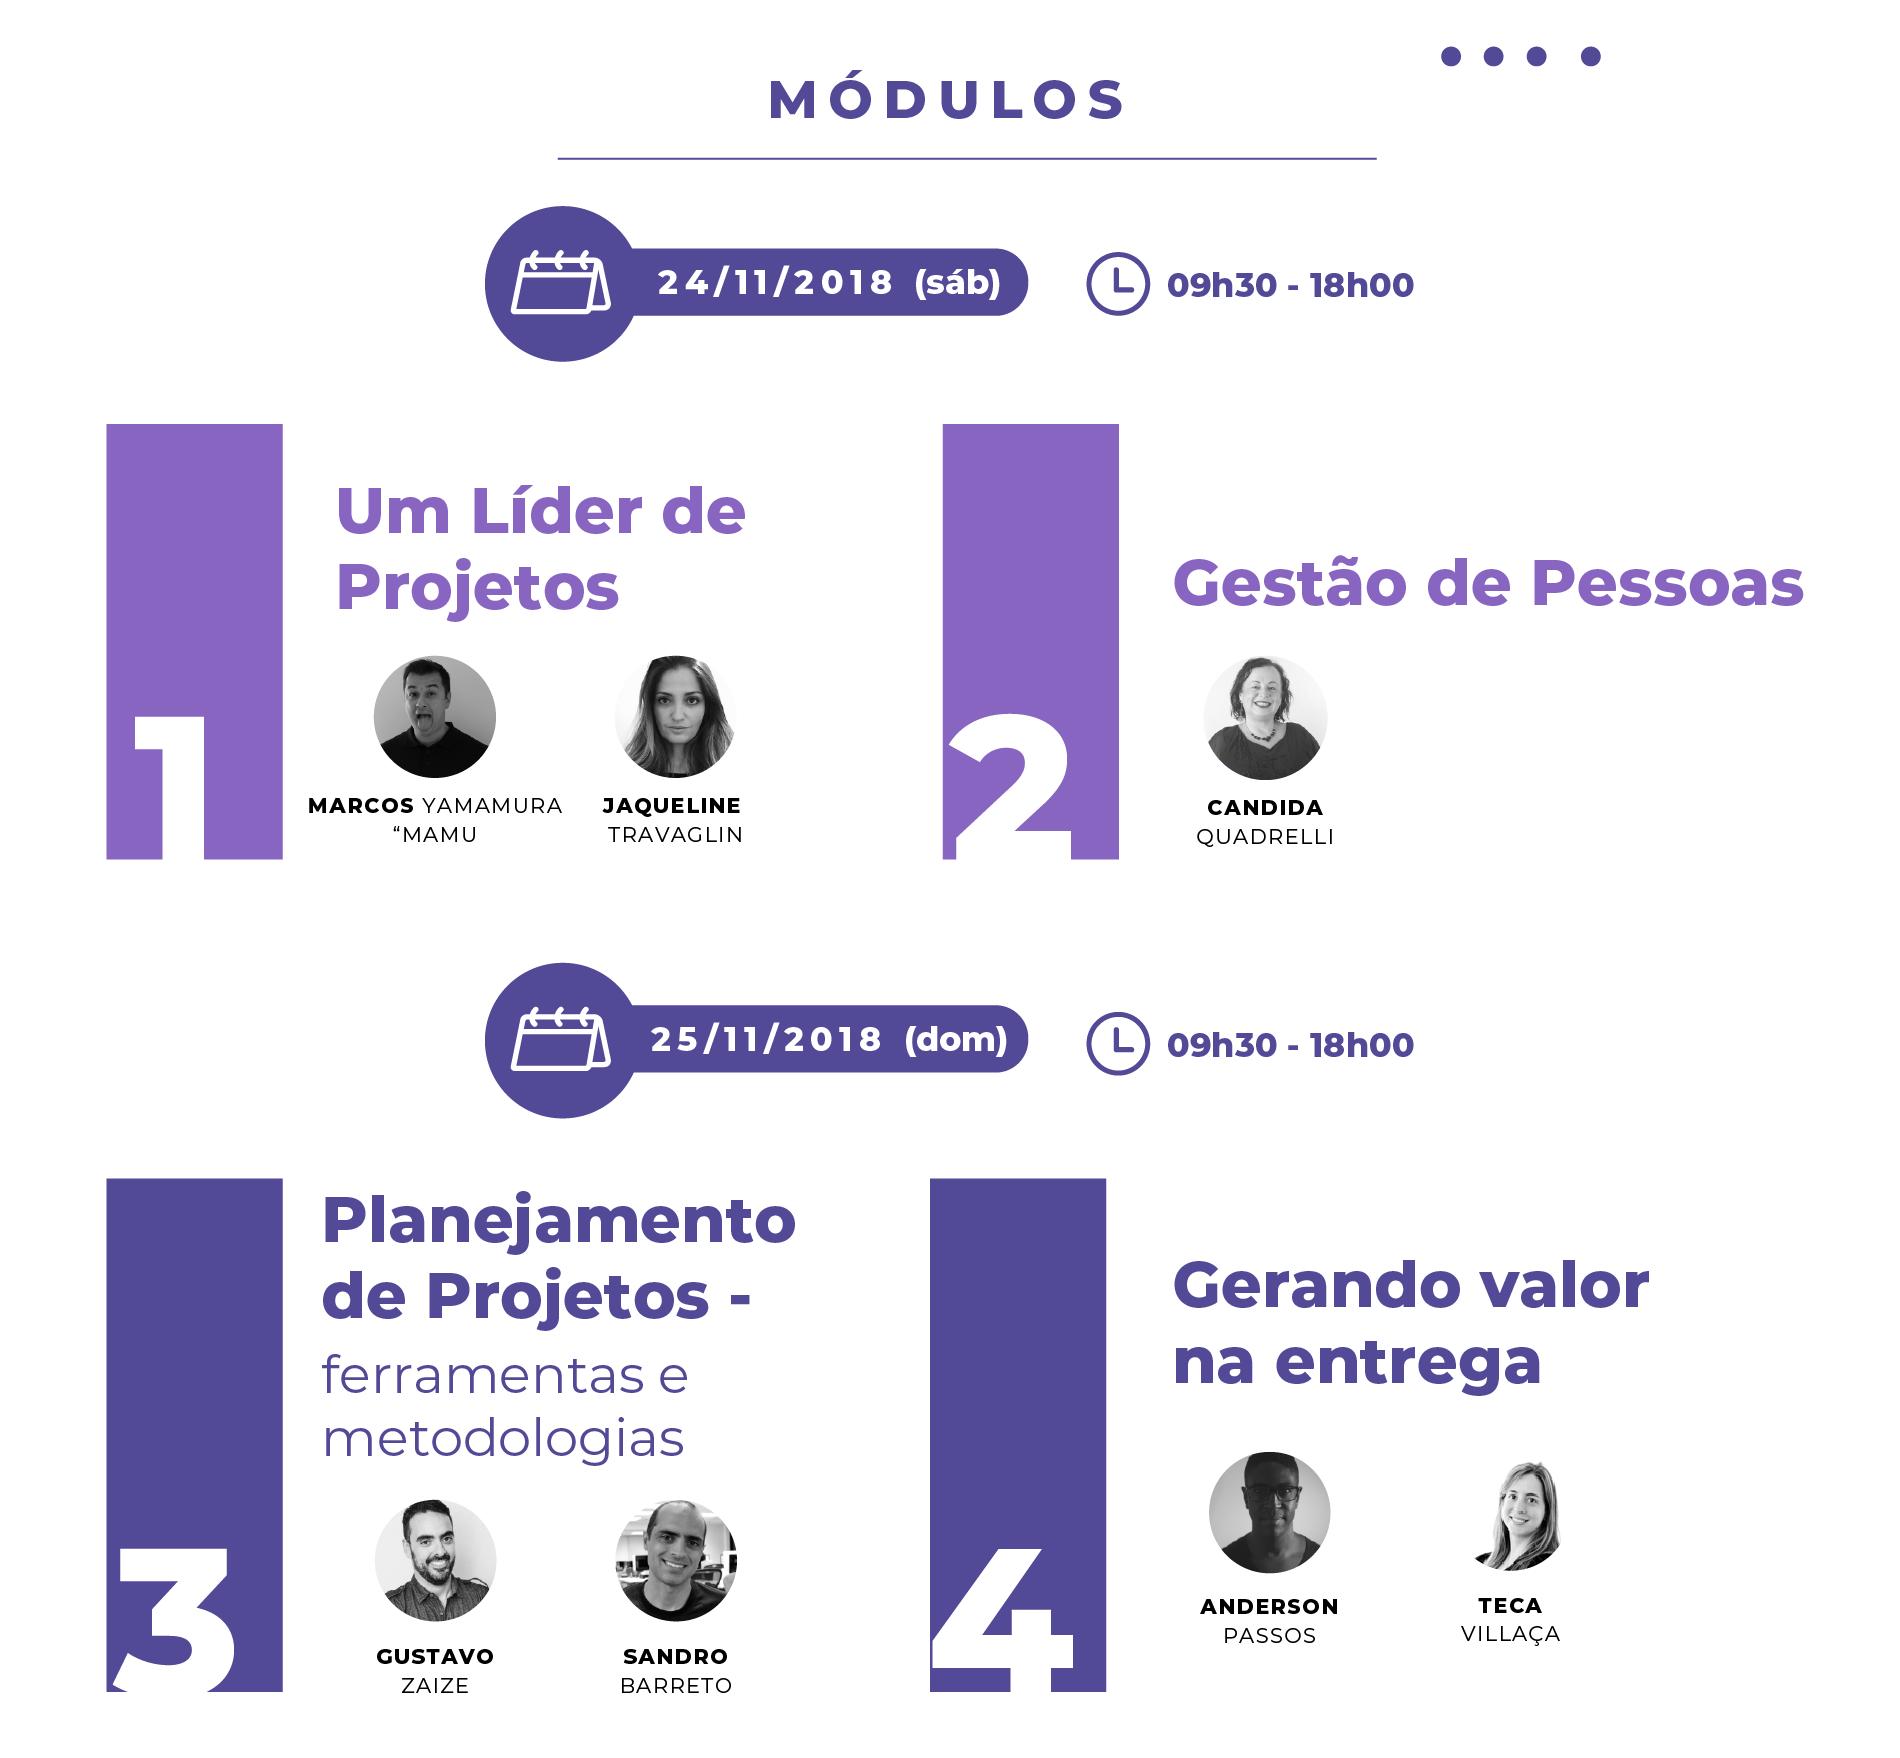 https://www.mestregp.com.br/wp-content/uploads/2018/09/pagina_cultura_RJ4-1900x1758.png